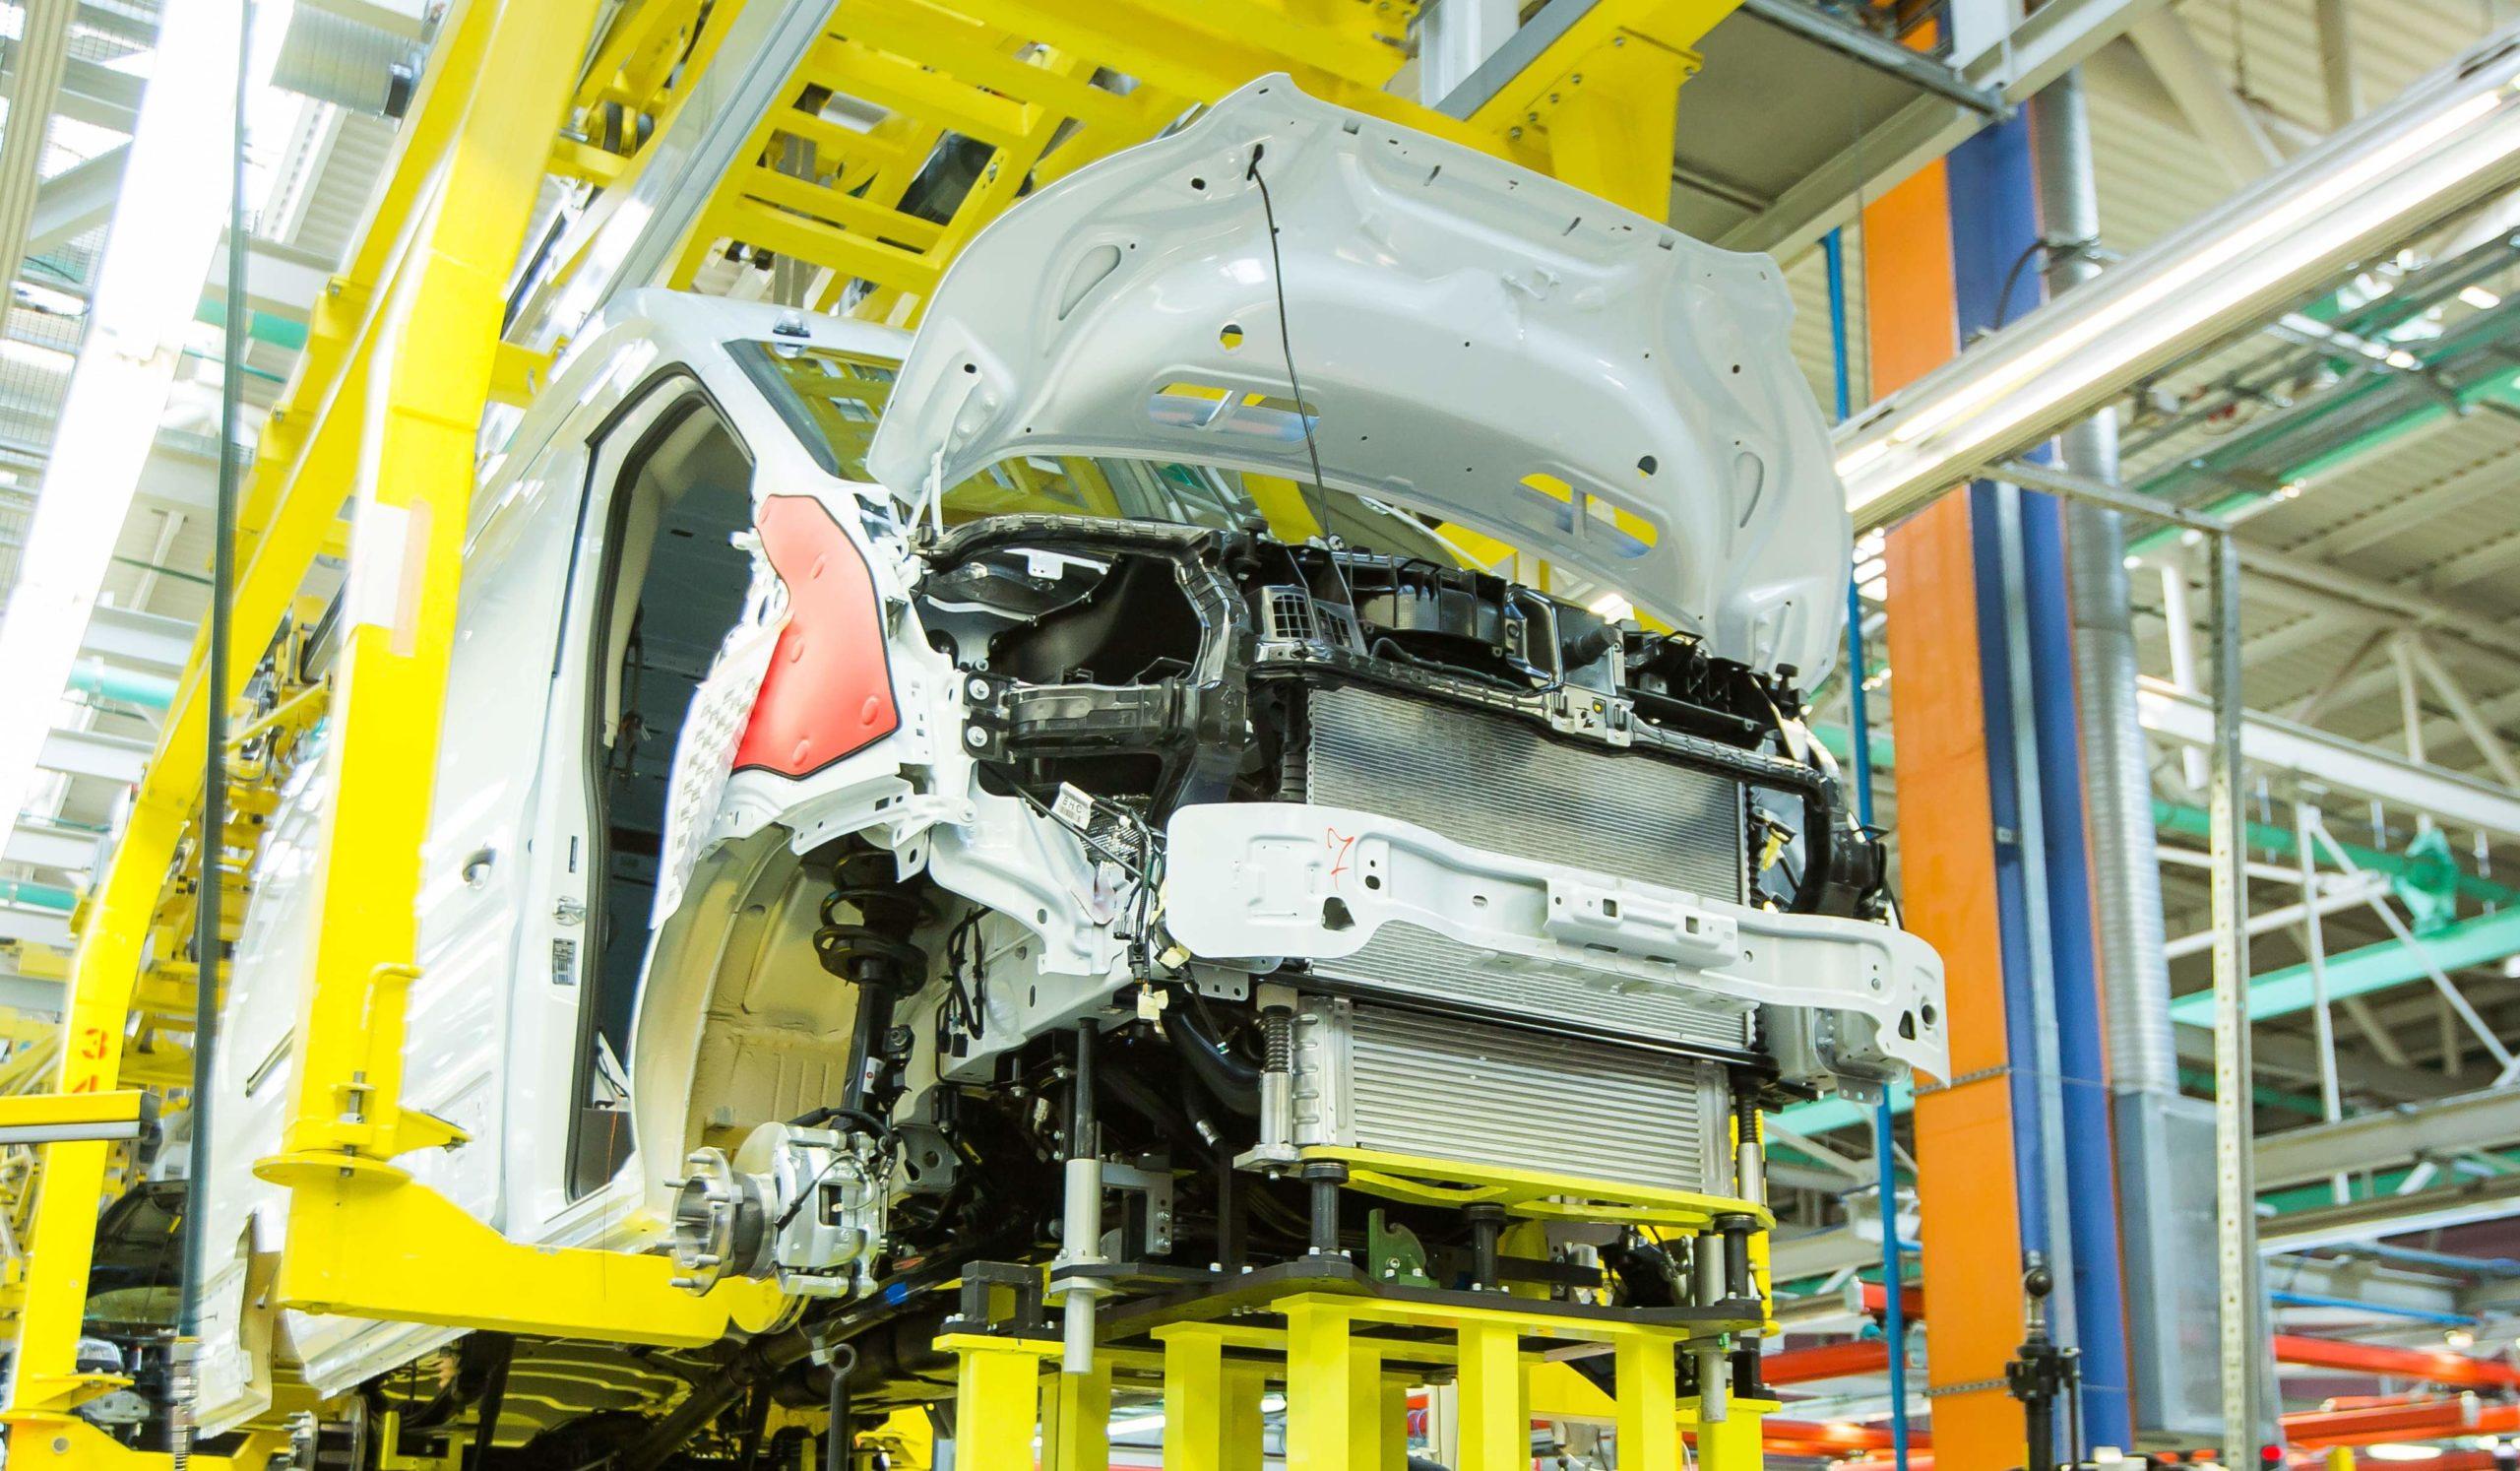 Российский завод «Соллерс Форд» расширяет производство: открыто много новых вакансий, но зарплаты не впечатляют